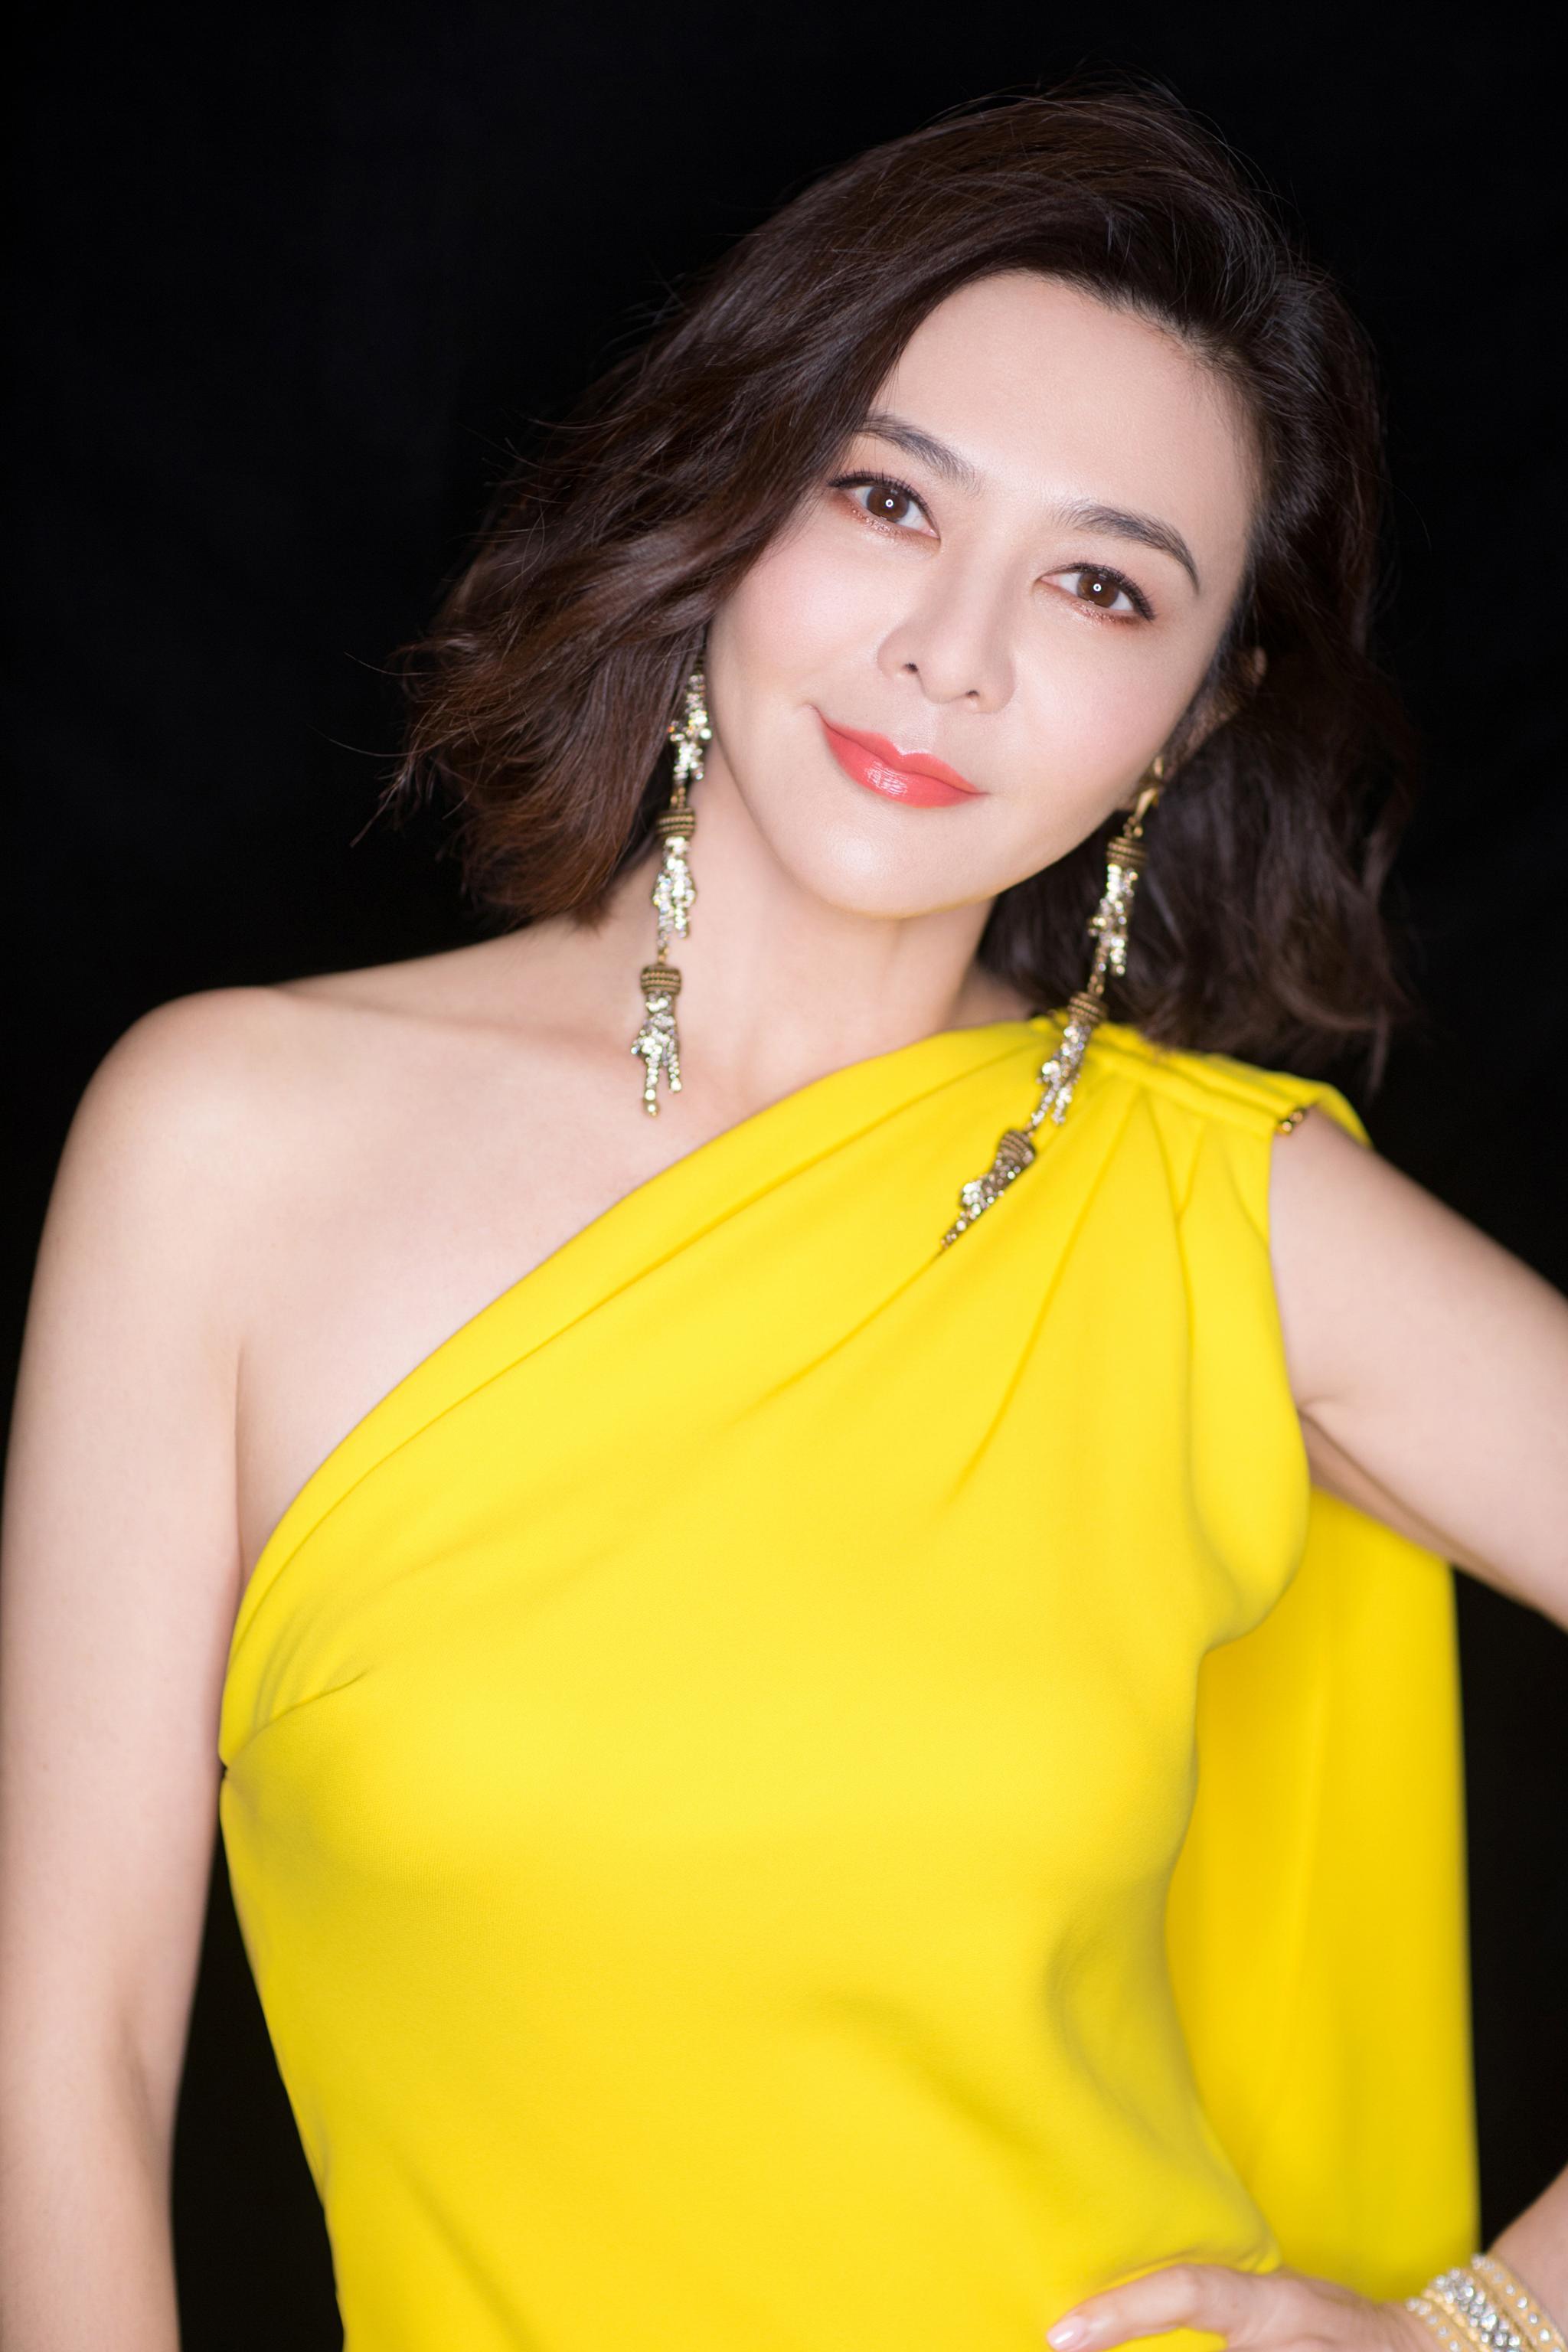 让人难忘的香港女神:看过关之琳和蔡少芬才明白什么是最美新娘